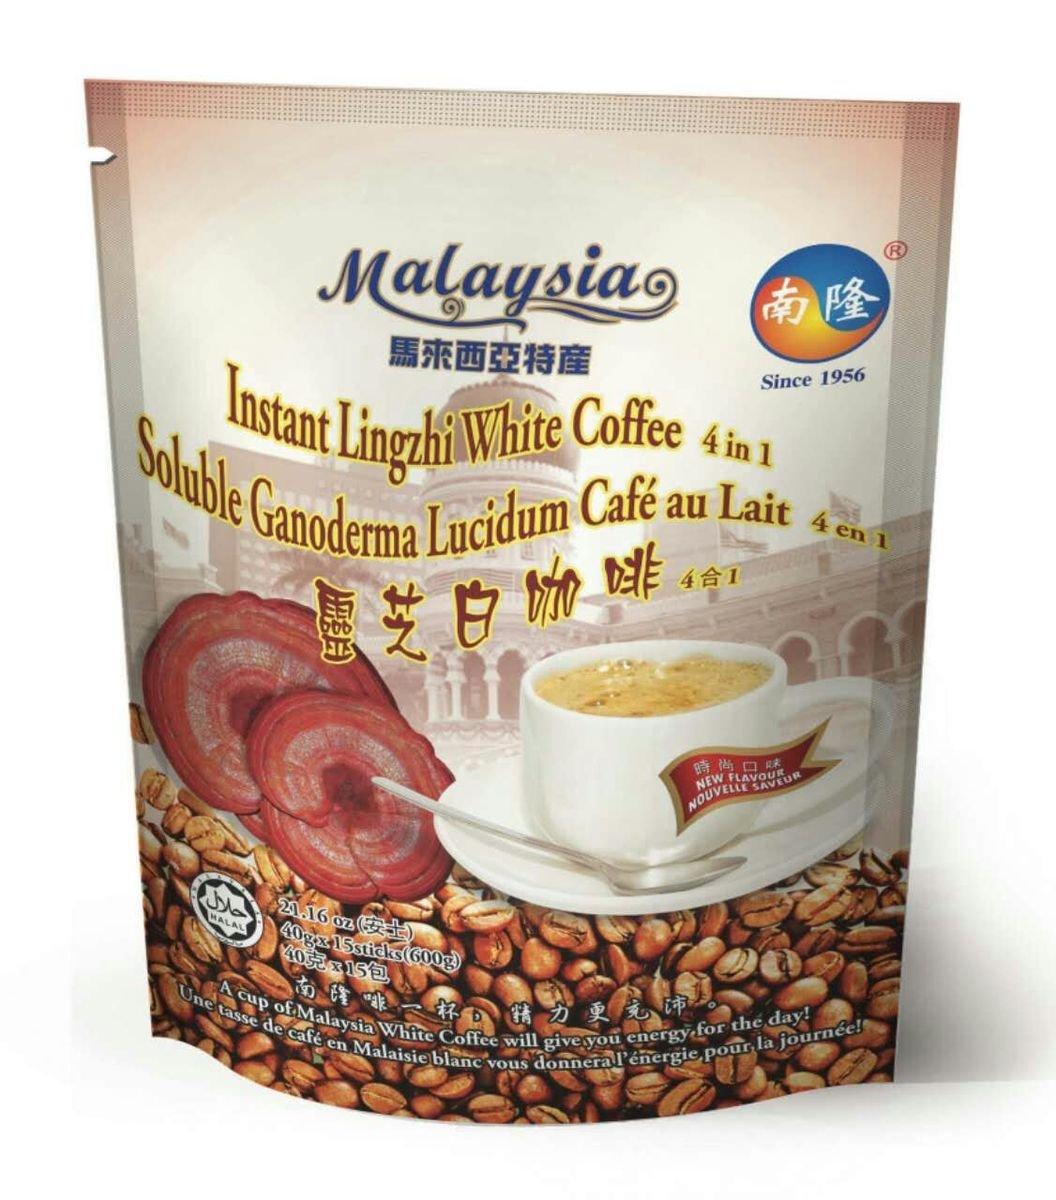 南隆即沖靈芝白咖啡, 4合1混合式, 600克(40克 x 15條)